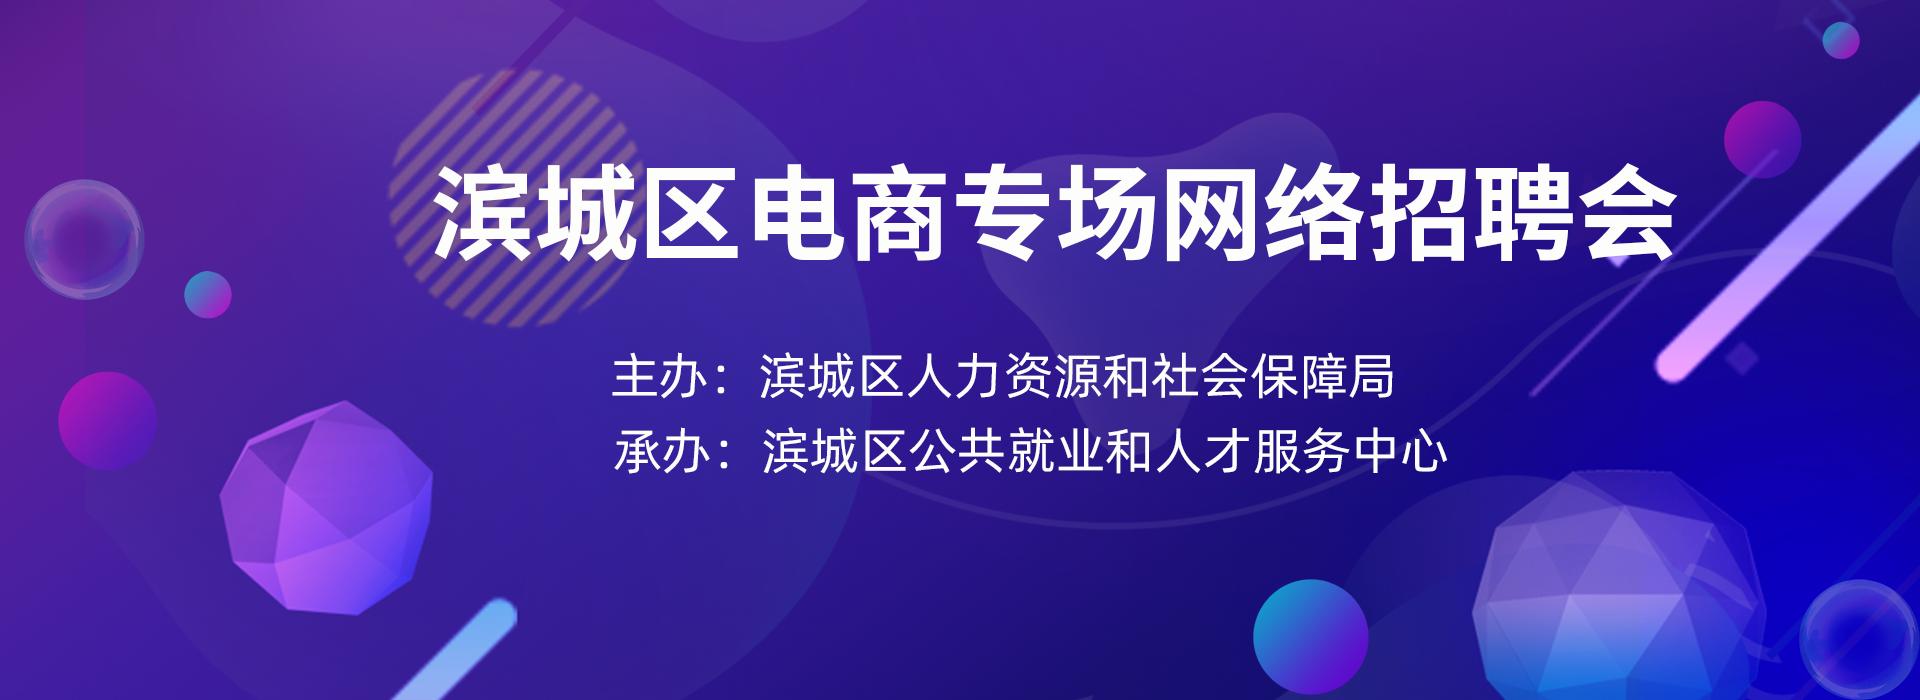 滨城区电商专场网络招聘会